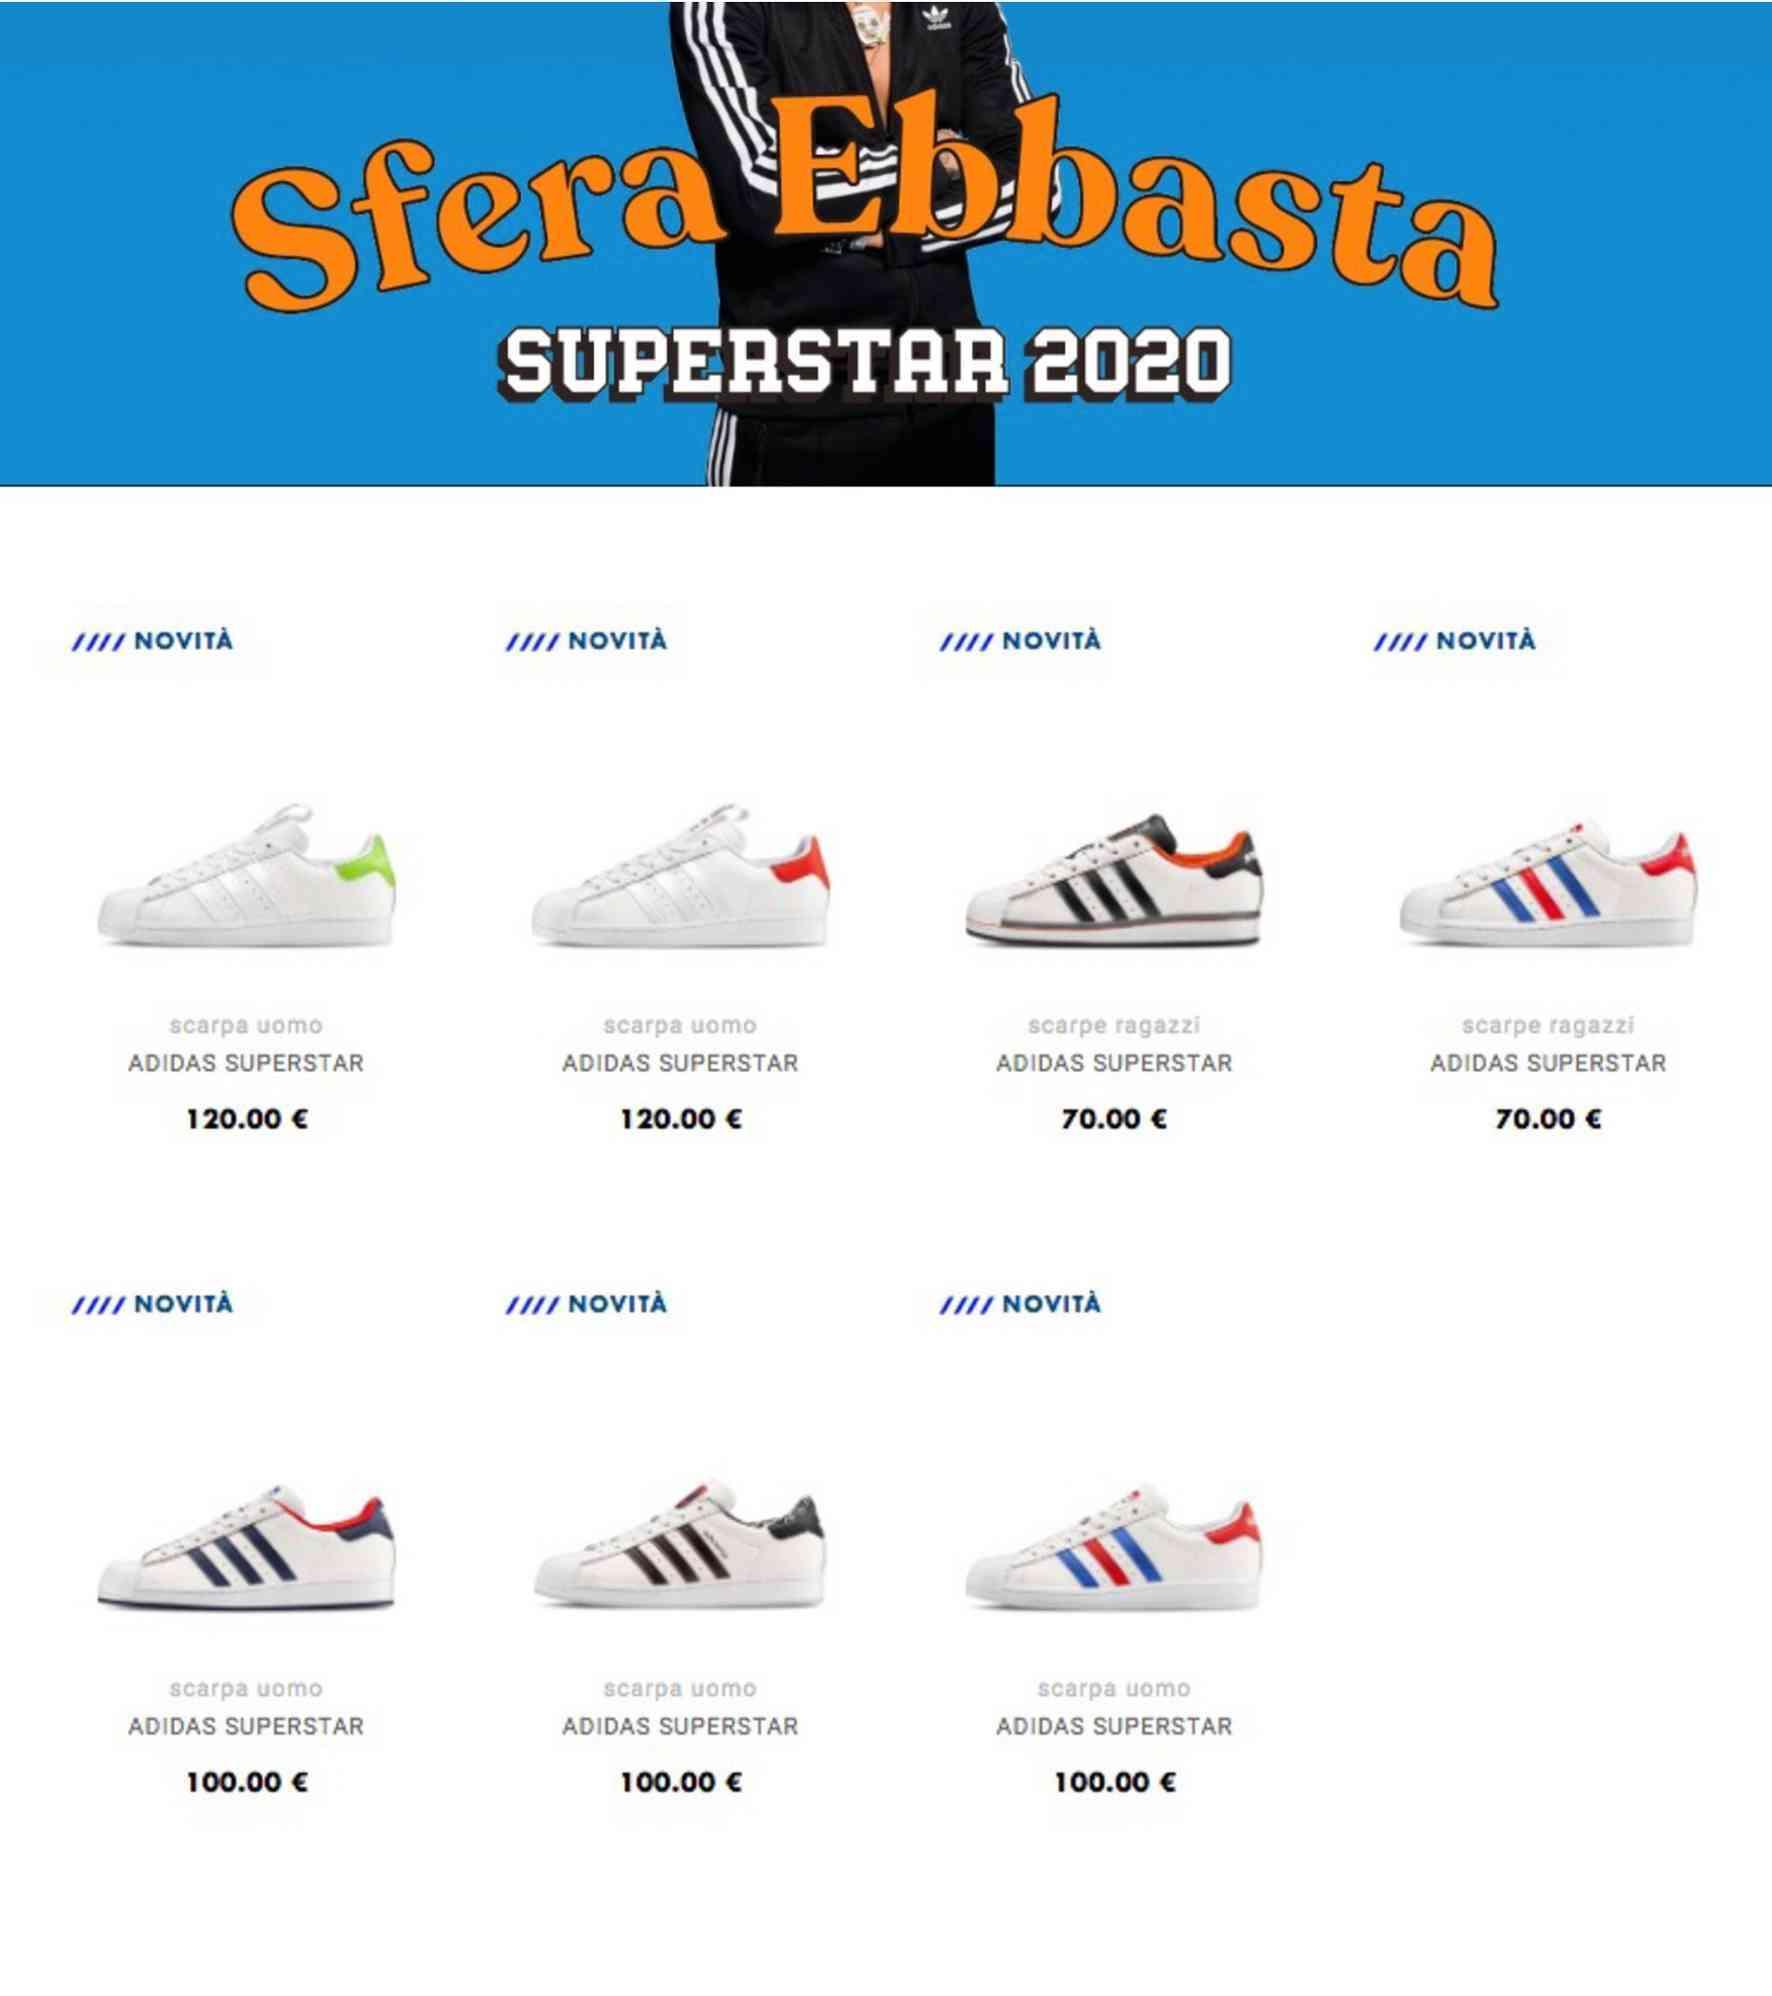 Scarpe in offerta Milano, promozione scarpe e sconti volantino